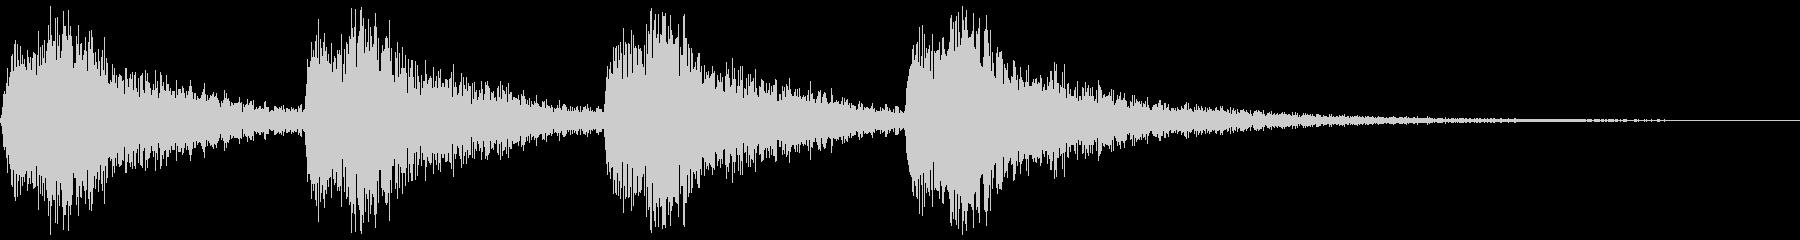 ガラーンx4(チャペルの鐘の音)の未再生の波形